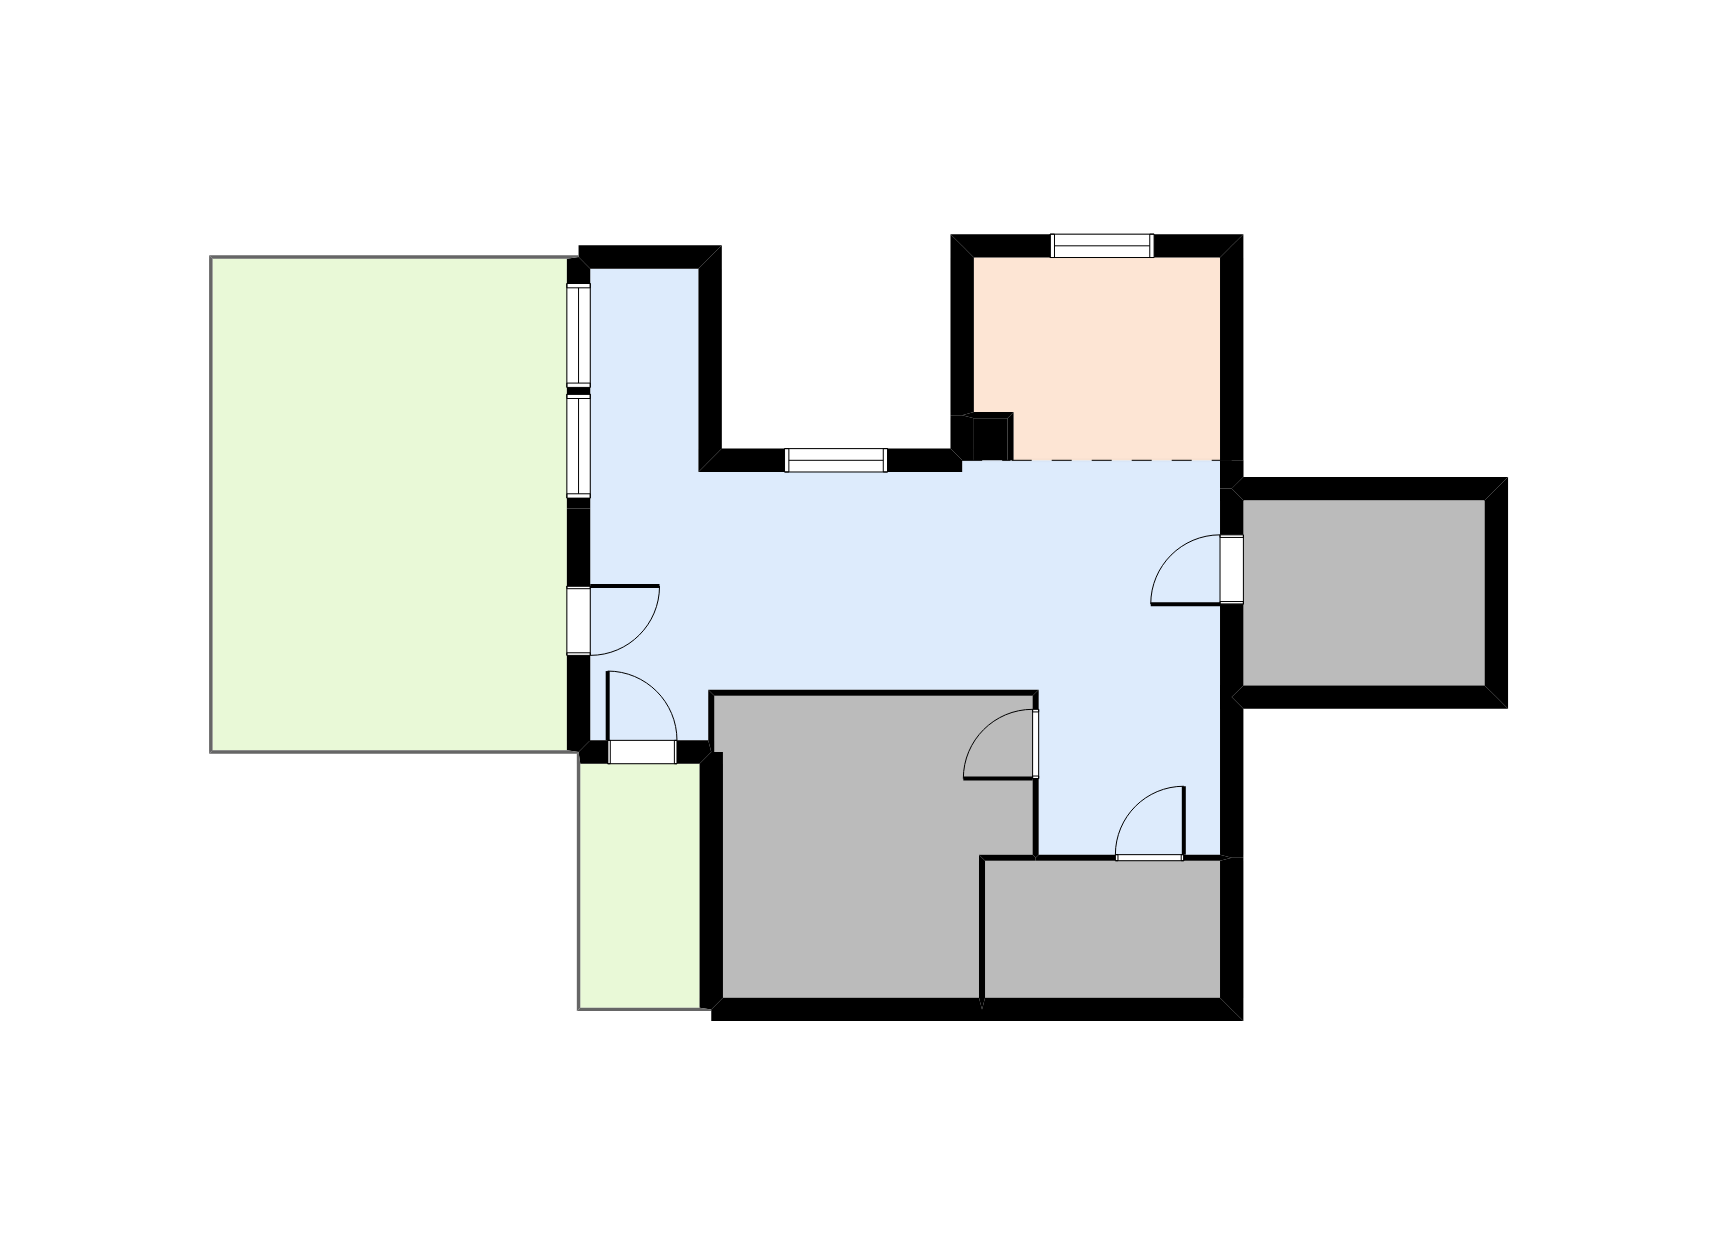 przykład wygenerowanego planu mieszkania w programie do rzutów